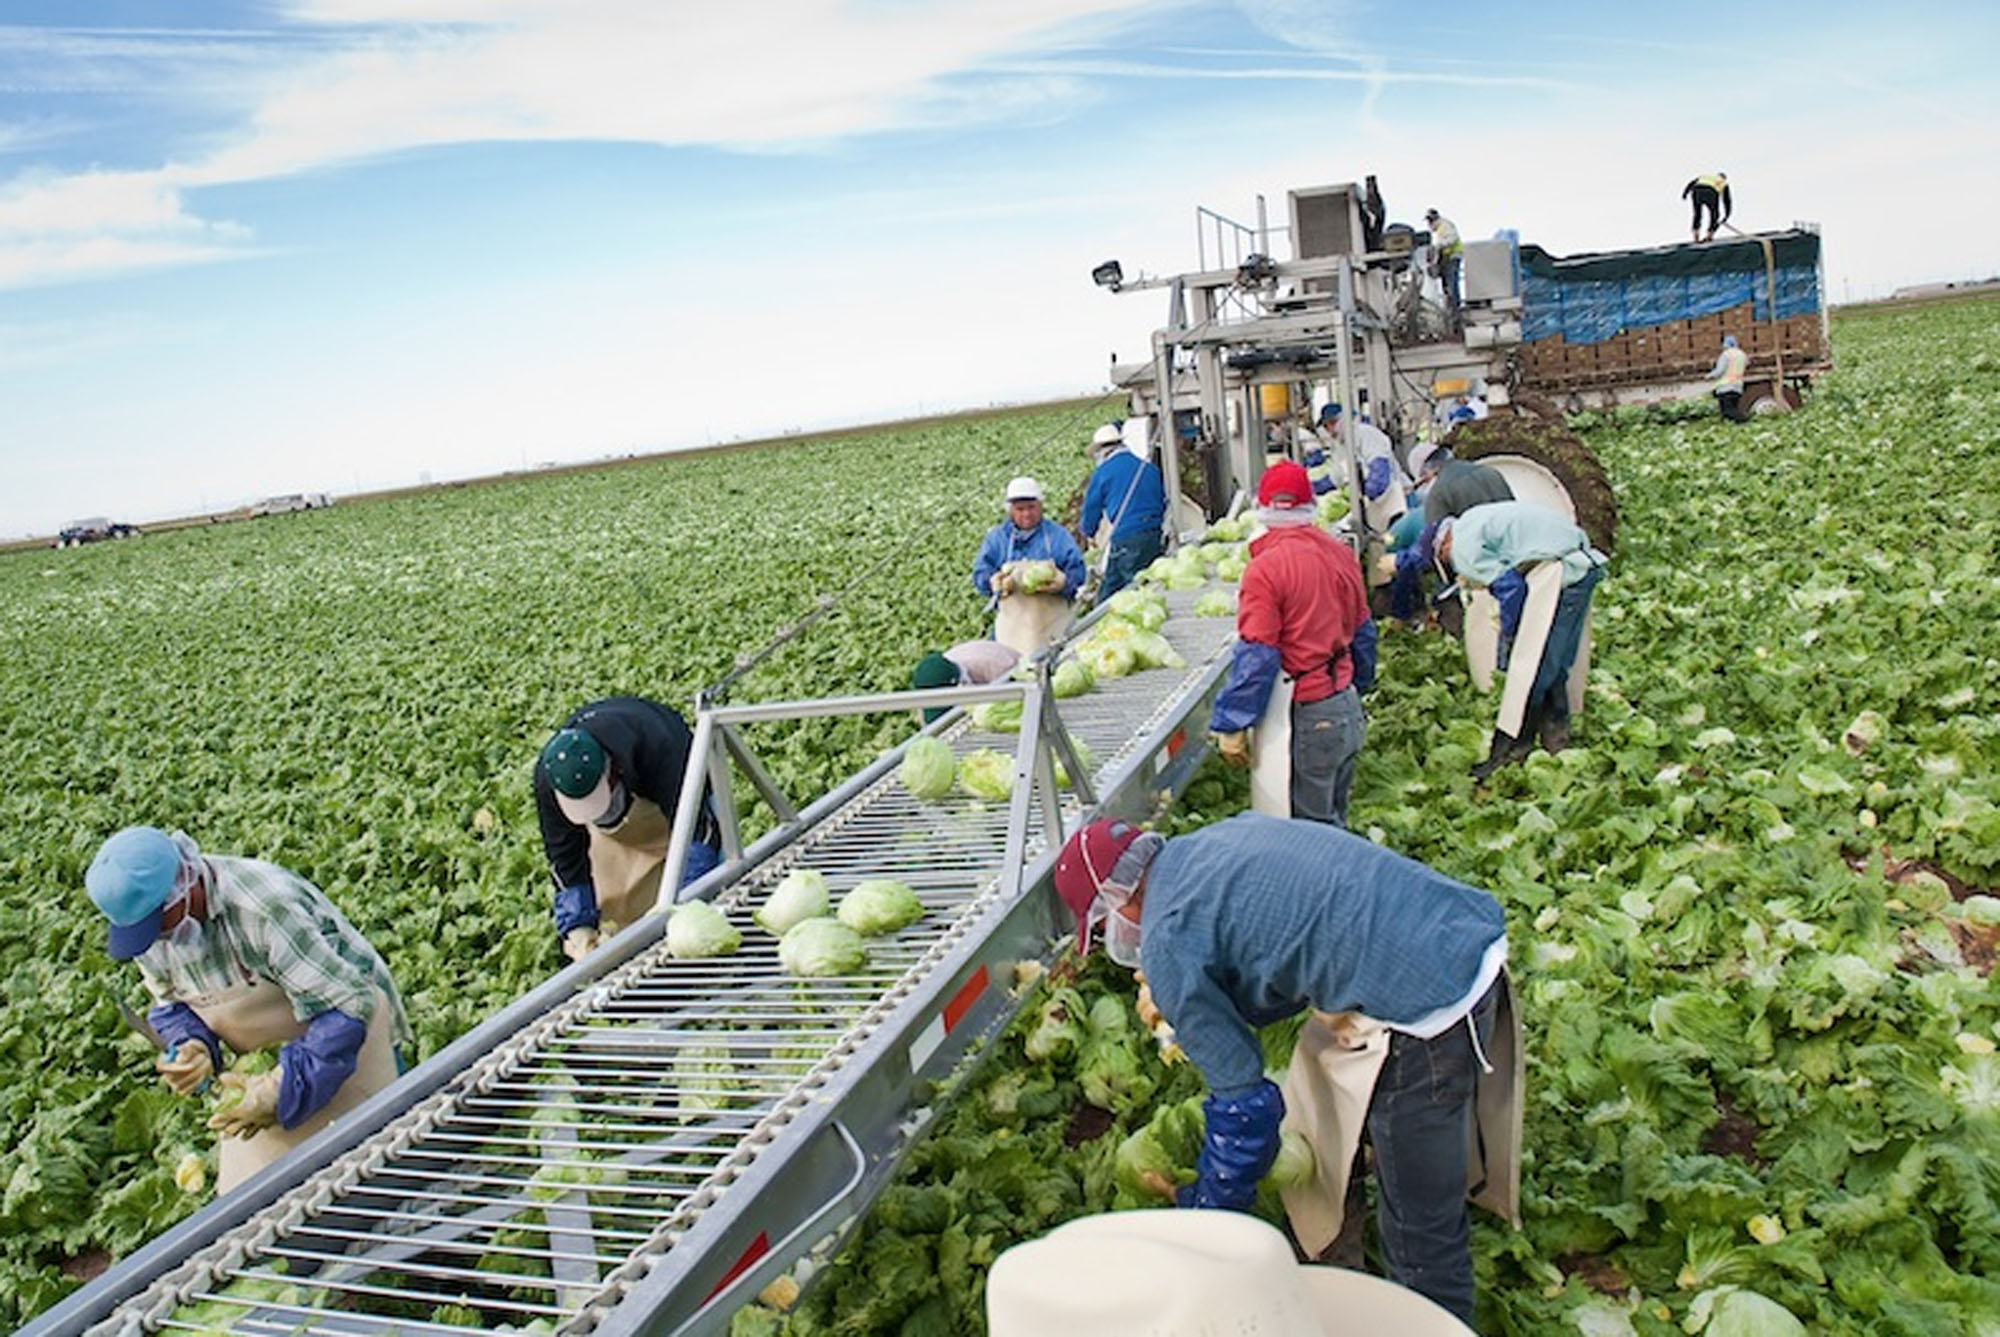 Drawn river agriculture Bumping pick farm allocations Colorado